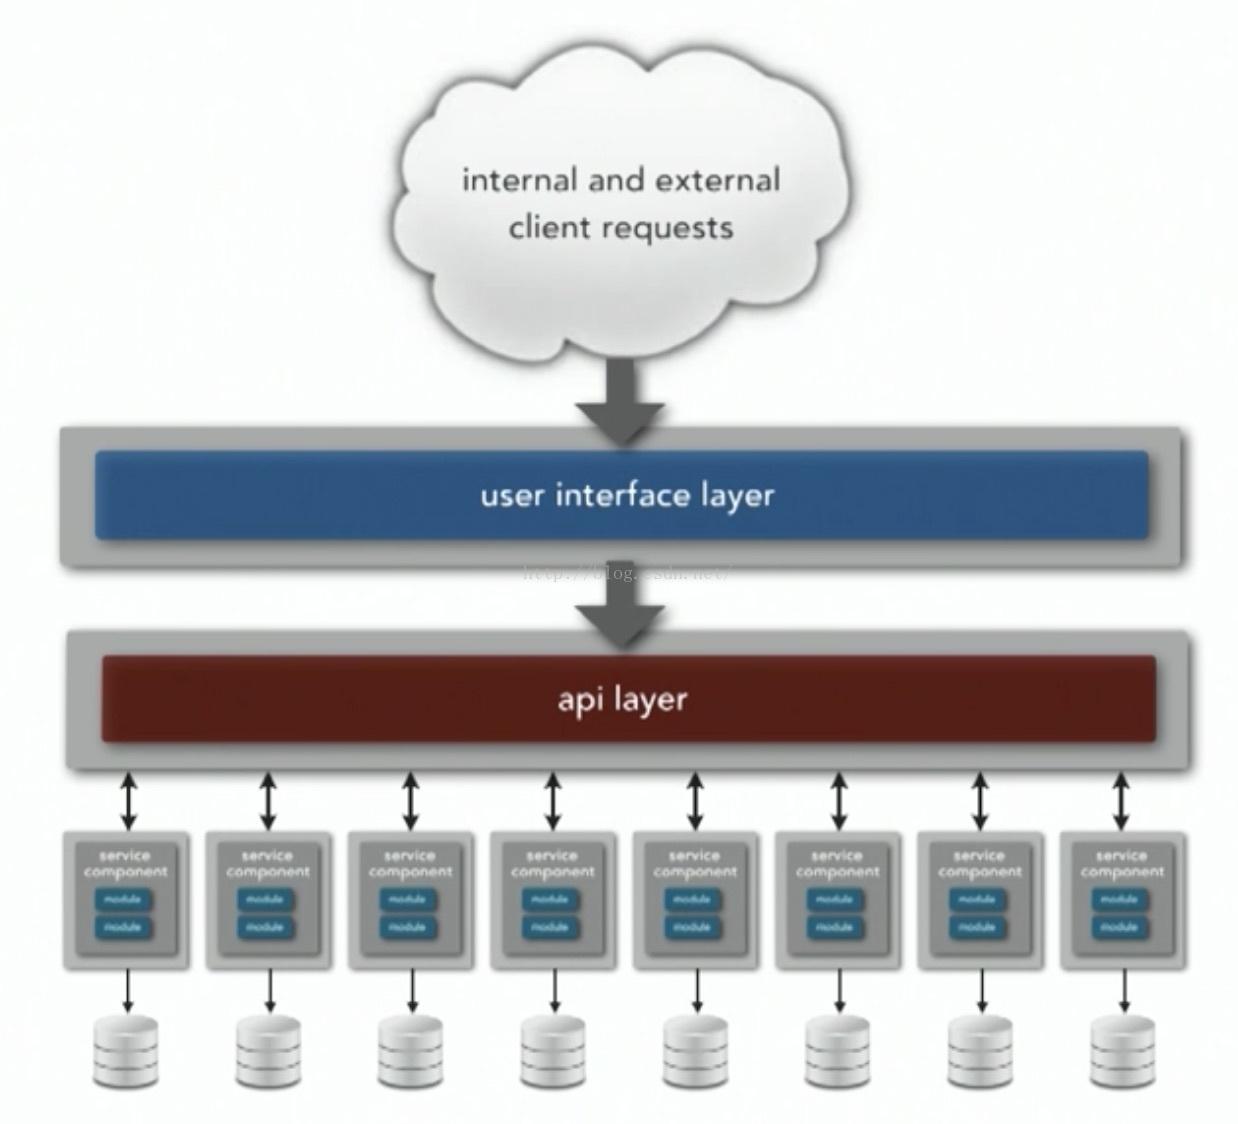 微服务架构: 微服务架构的核心概念 ( 一 )